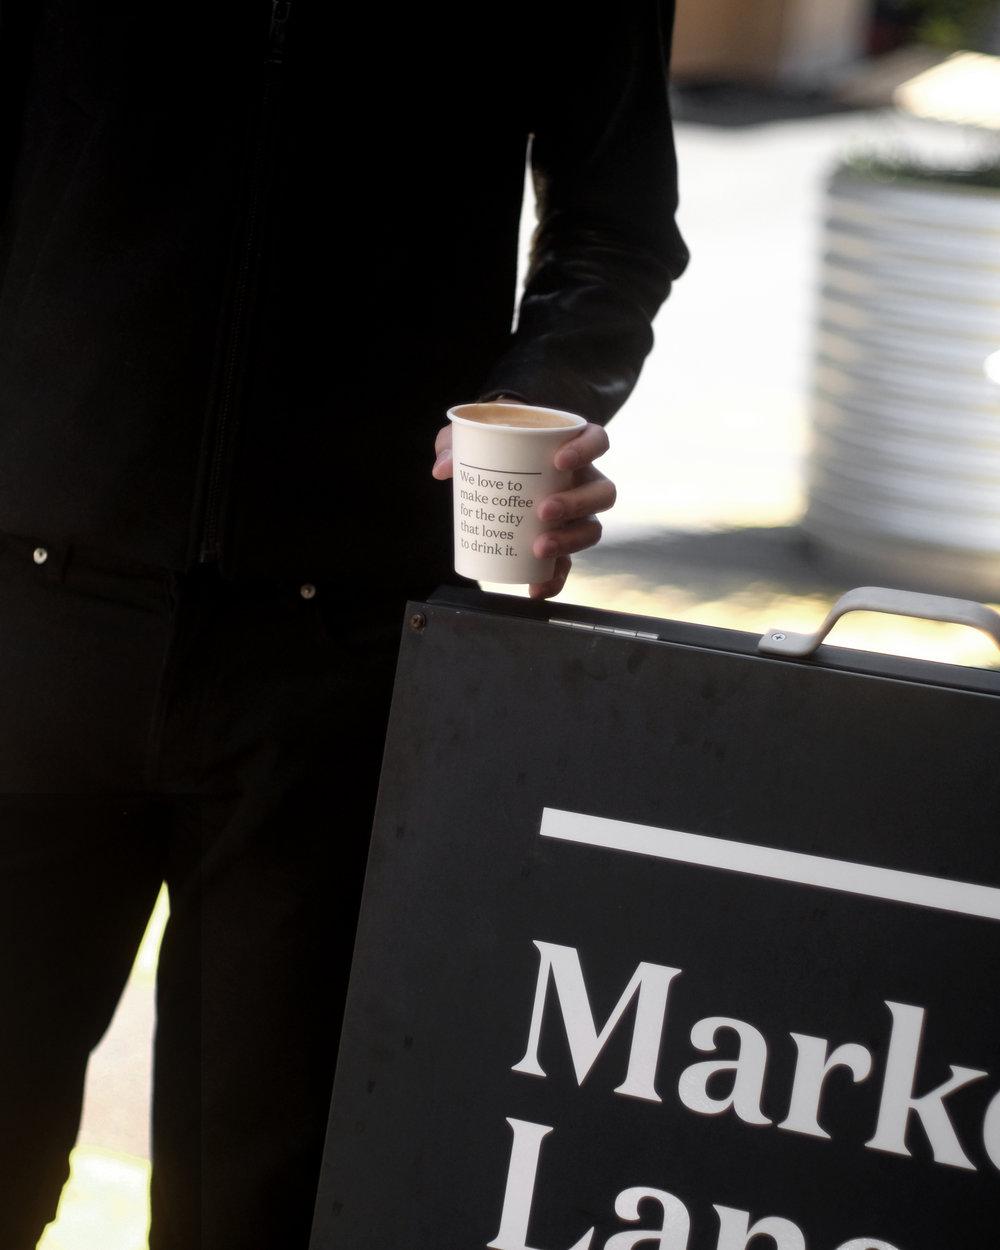 """M A R K E T L A N E /  Market Lane Coffee - Vic Market   終於到market lane coffee朝聖了 說是朝聖 因為它應該是我第一間認識的澳洲咖啡店了 (名句 we love to make coffee for the city that loves to drink it 無人不識吧?) 這間藏身於Victoria market的market lane 店 保留了market 的紅磚特色  逛完市場後來喝一杯Flat white 才是寫意的澳洲生活態度吧  Probably the first Australia coffee shops I heard about would be market lane coffee from Melbourne. And if this name doesn't ring a bell- I am sure this would - *we love to make coffee for the city that loves to drink it""""  📍 83-85 Victoria St, Melbourne VIC 3000"""